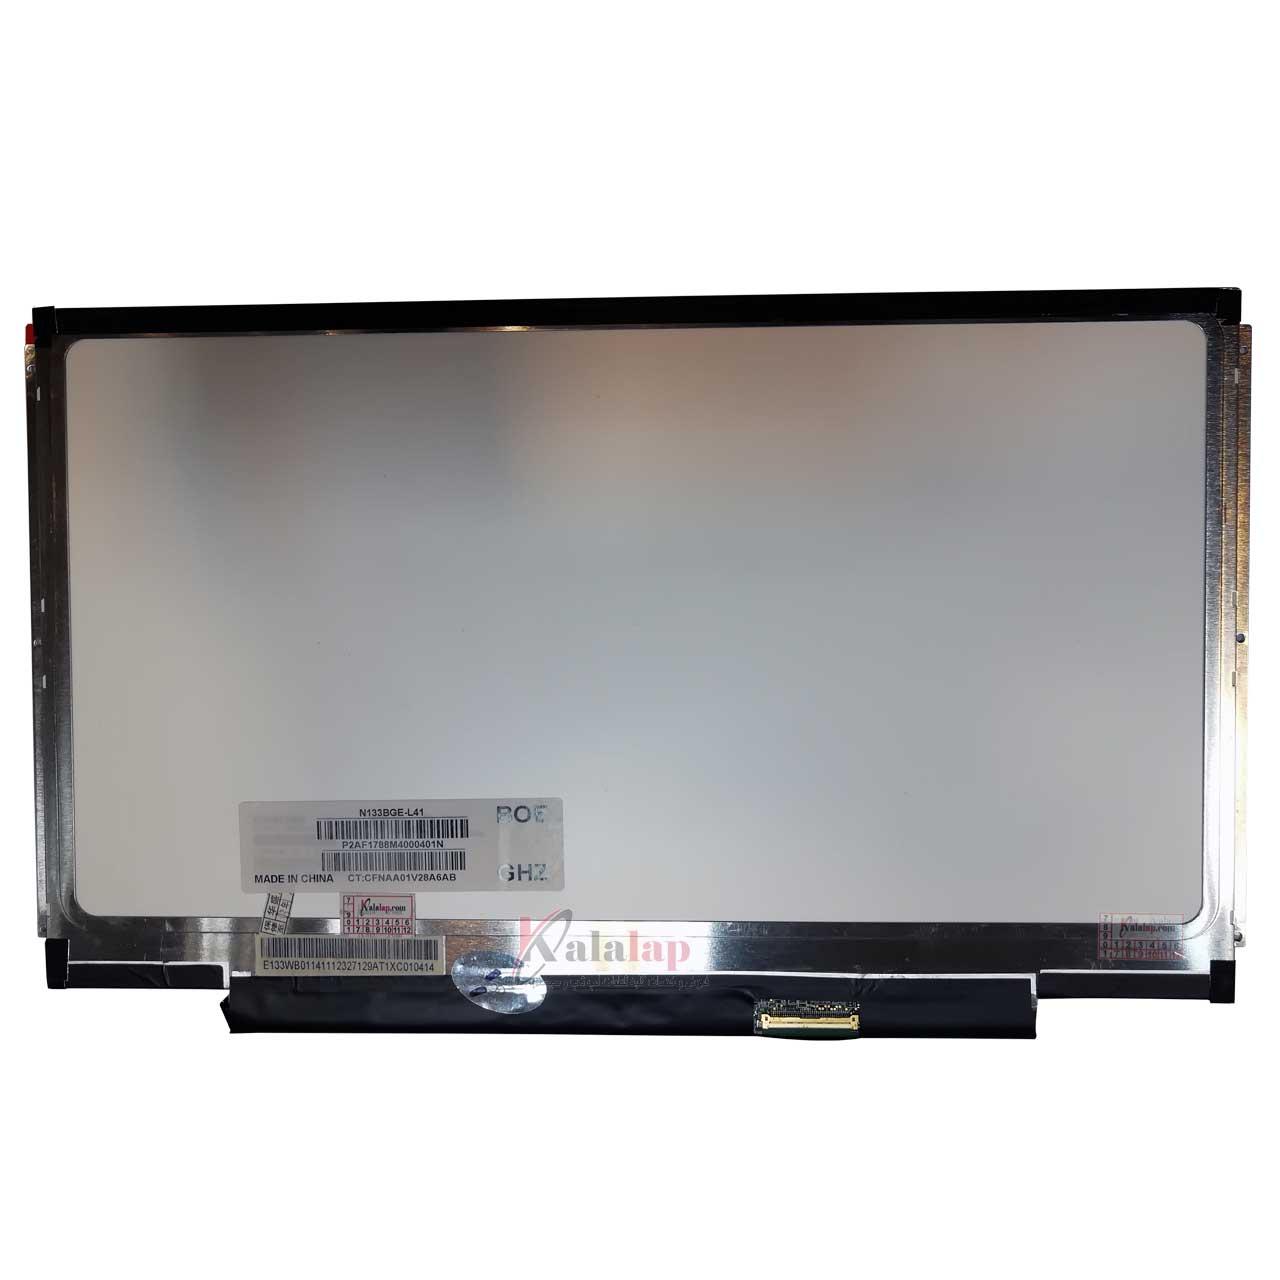 ال ای دی لپ تاپ LED LAPTOP 13.3 SLIM 40pin